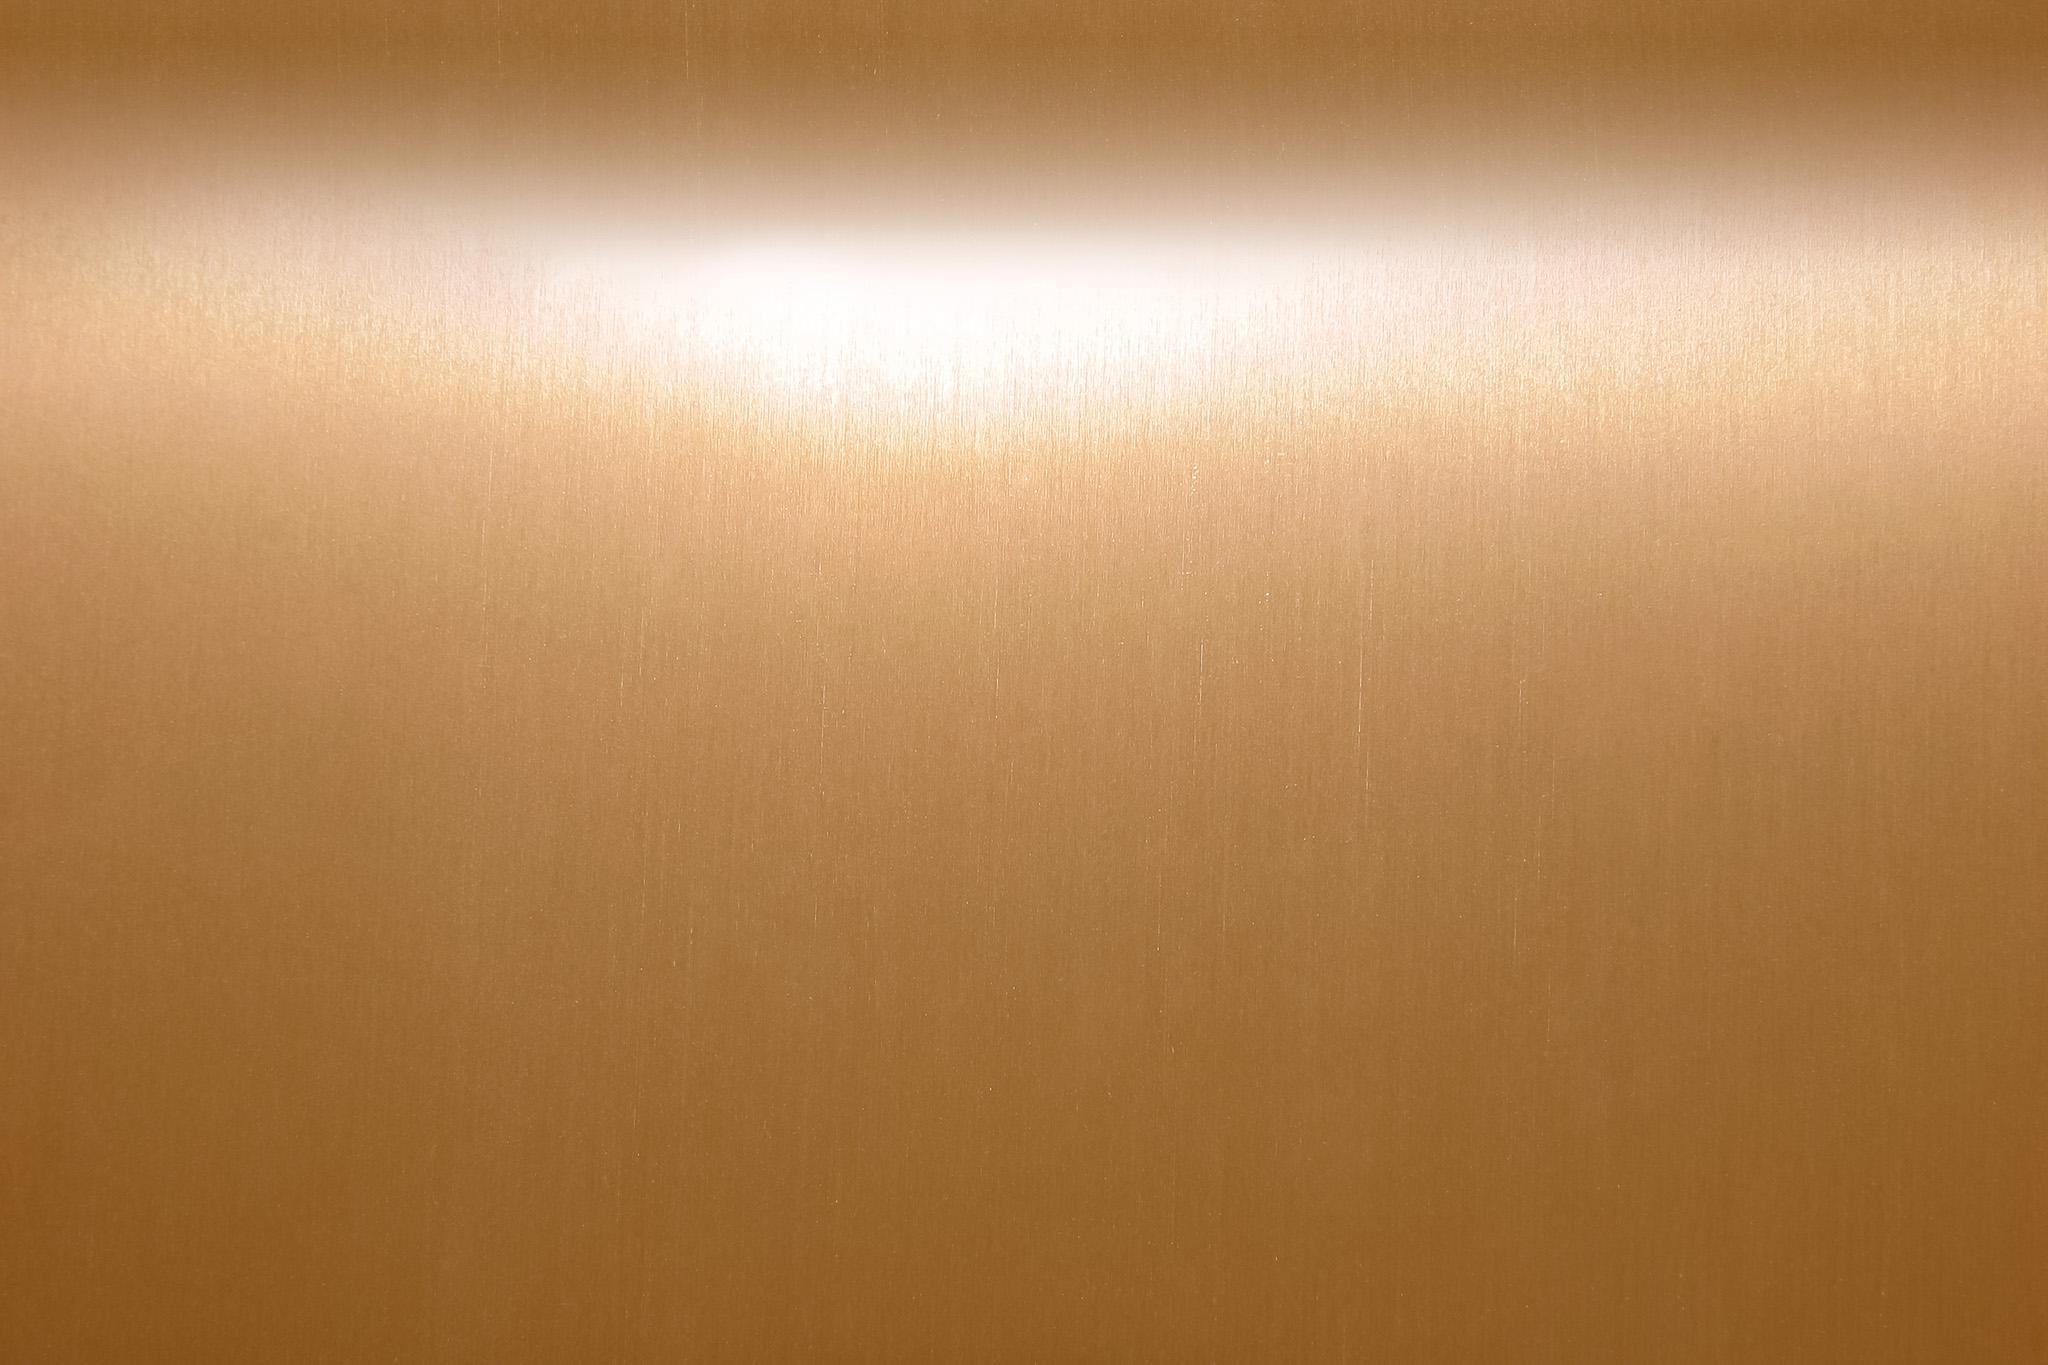 「銅板の画像素材」